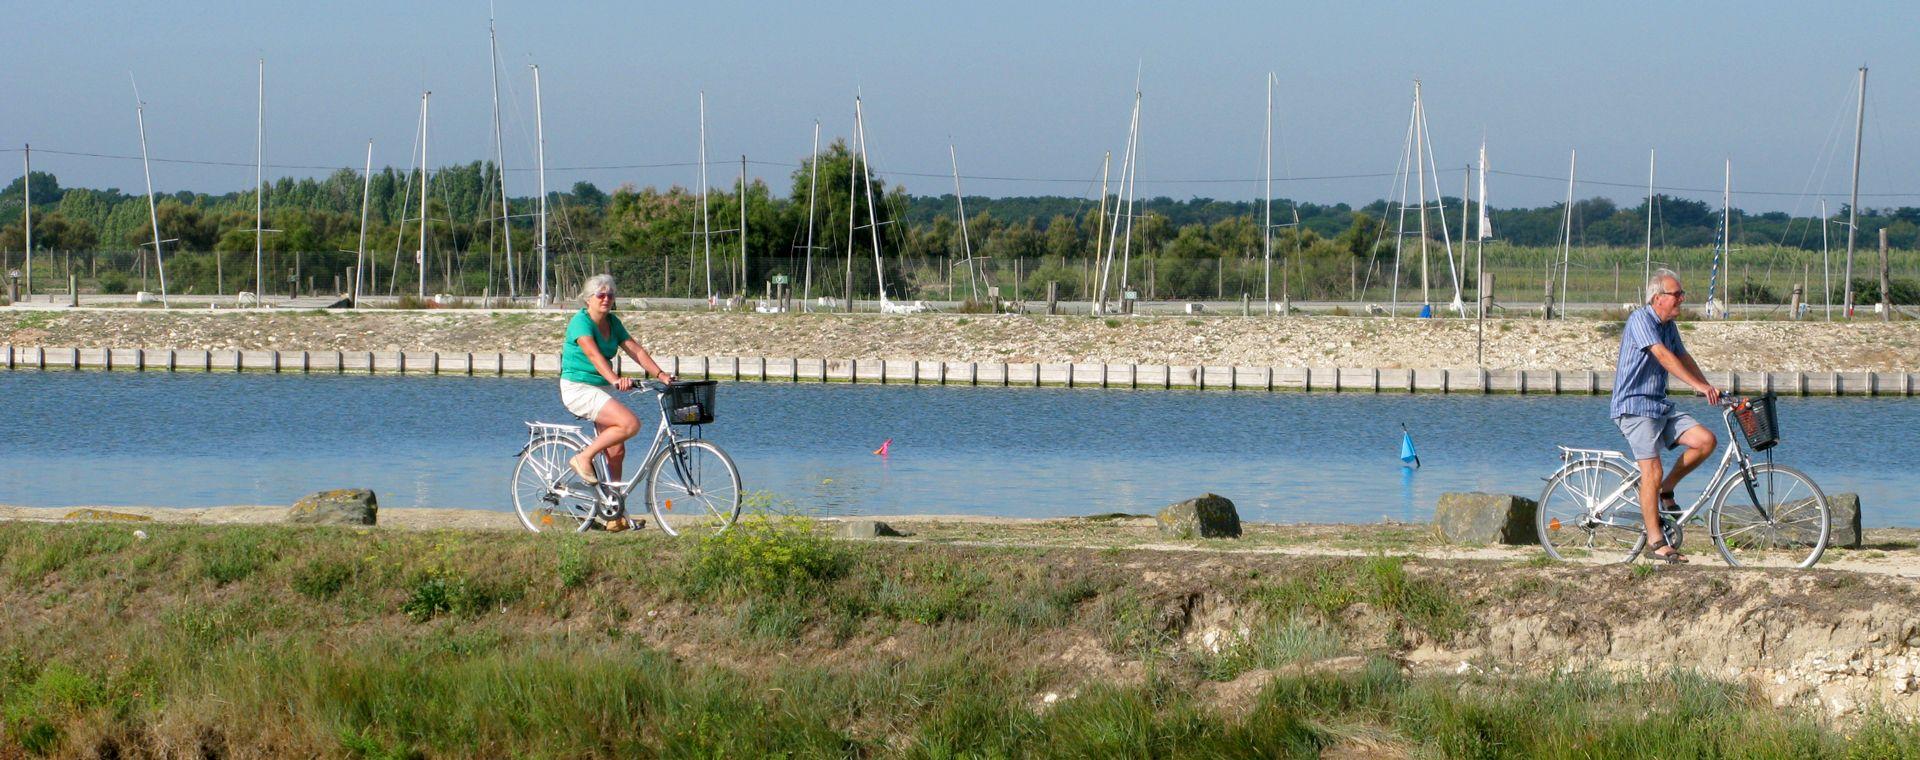 Image Atlantique nature : La Vélodyssée de La Rochelle à Royan